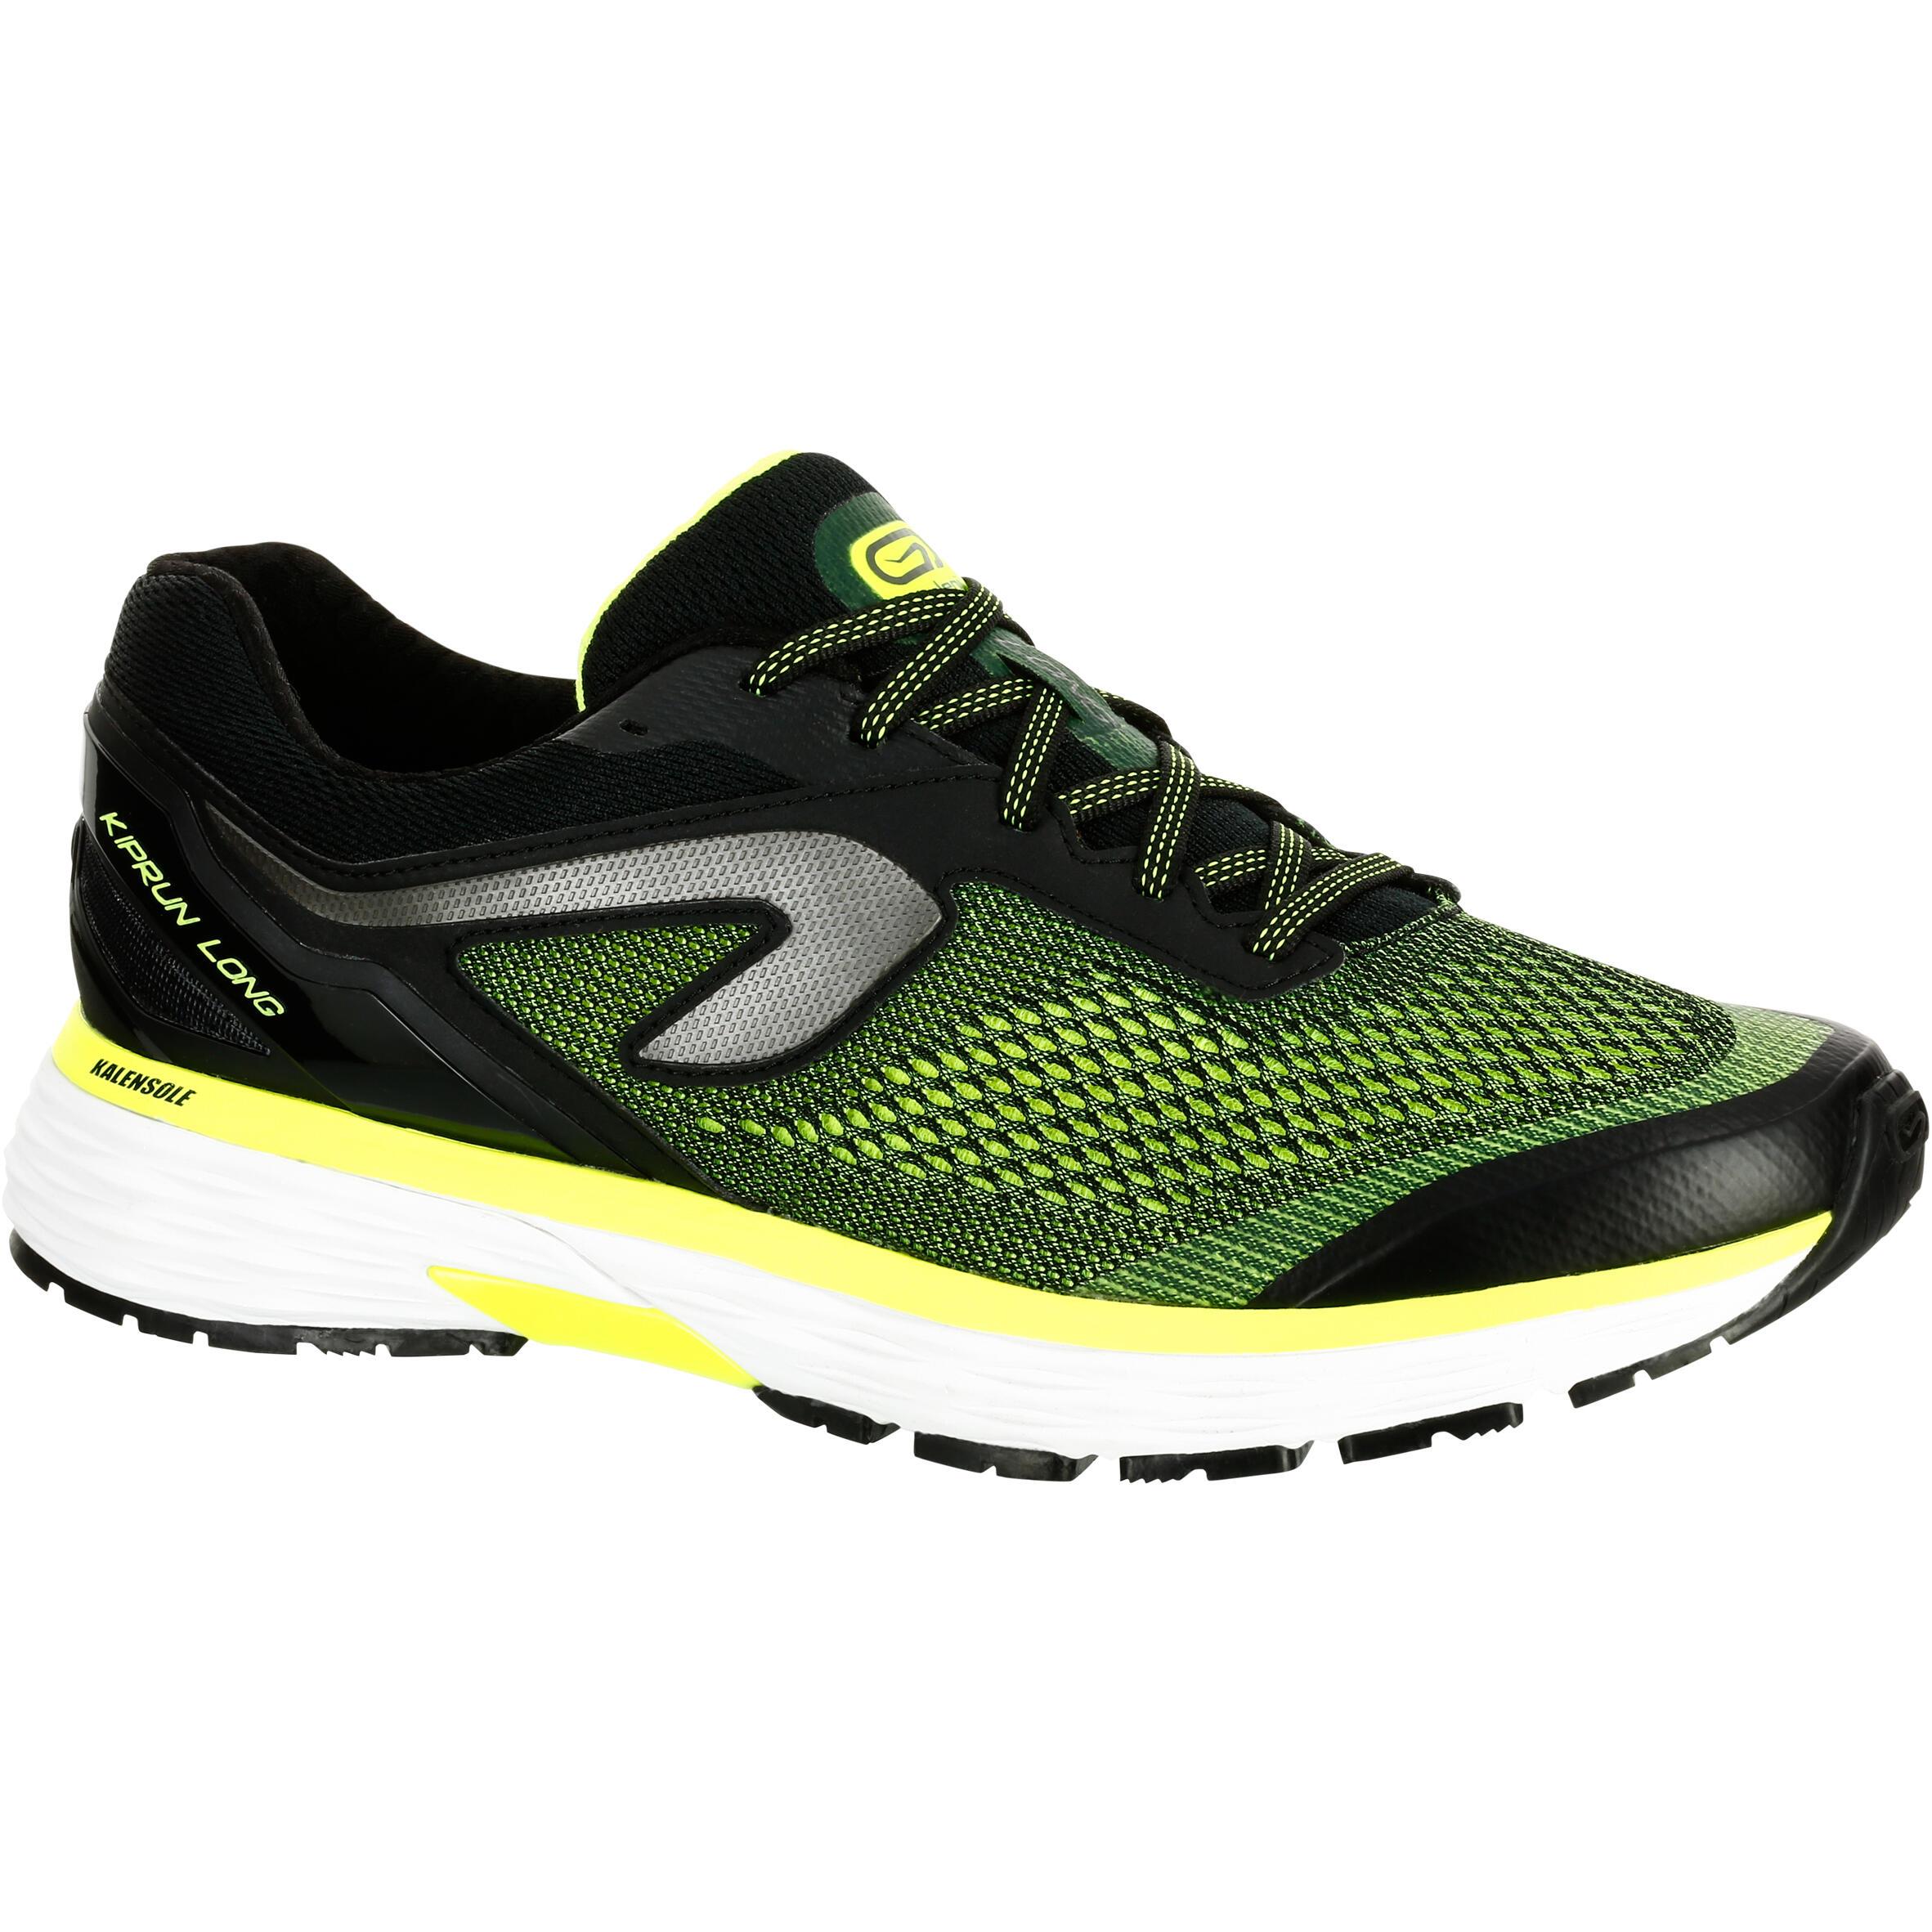 363aee56b17 Hardloopschoenen voor heren kopen ← Decathlon.nl